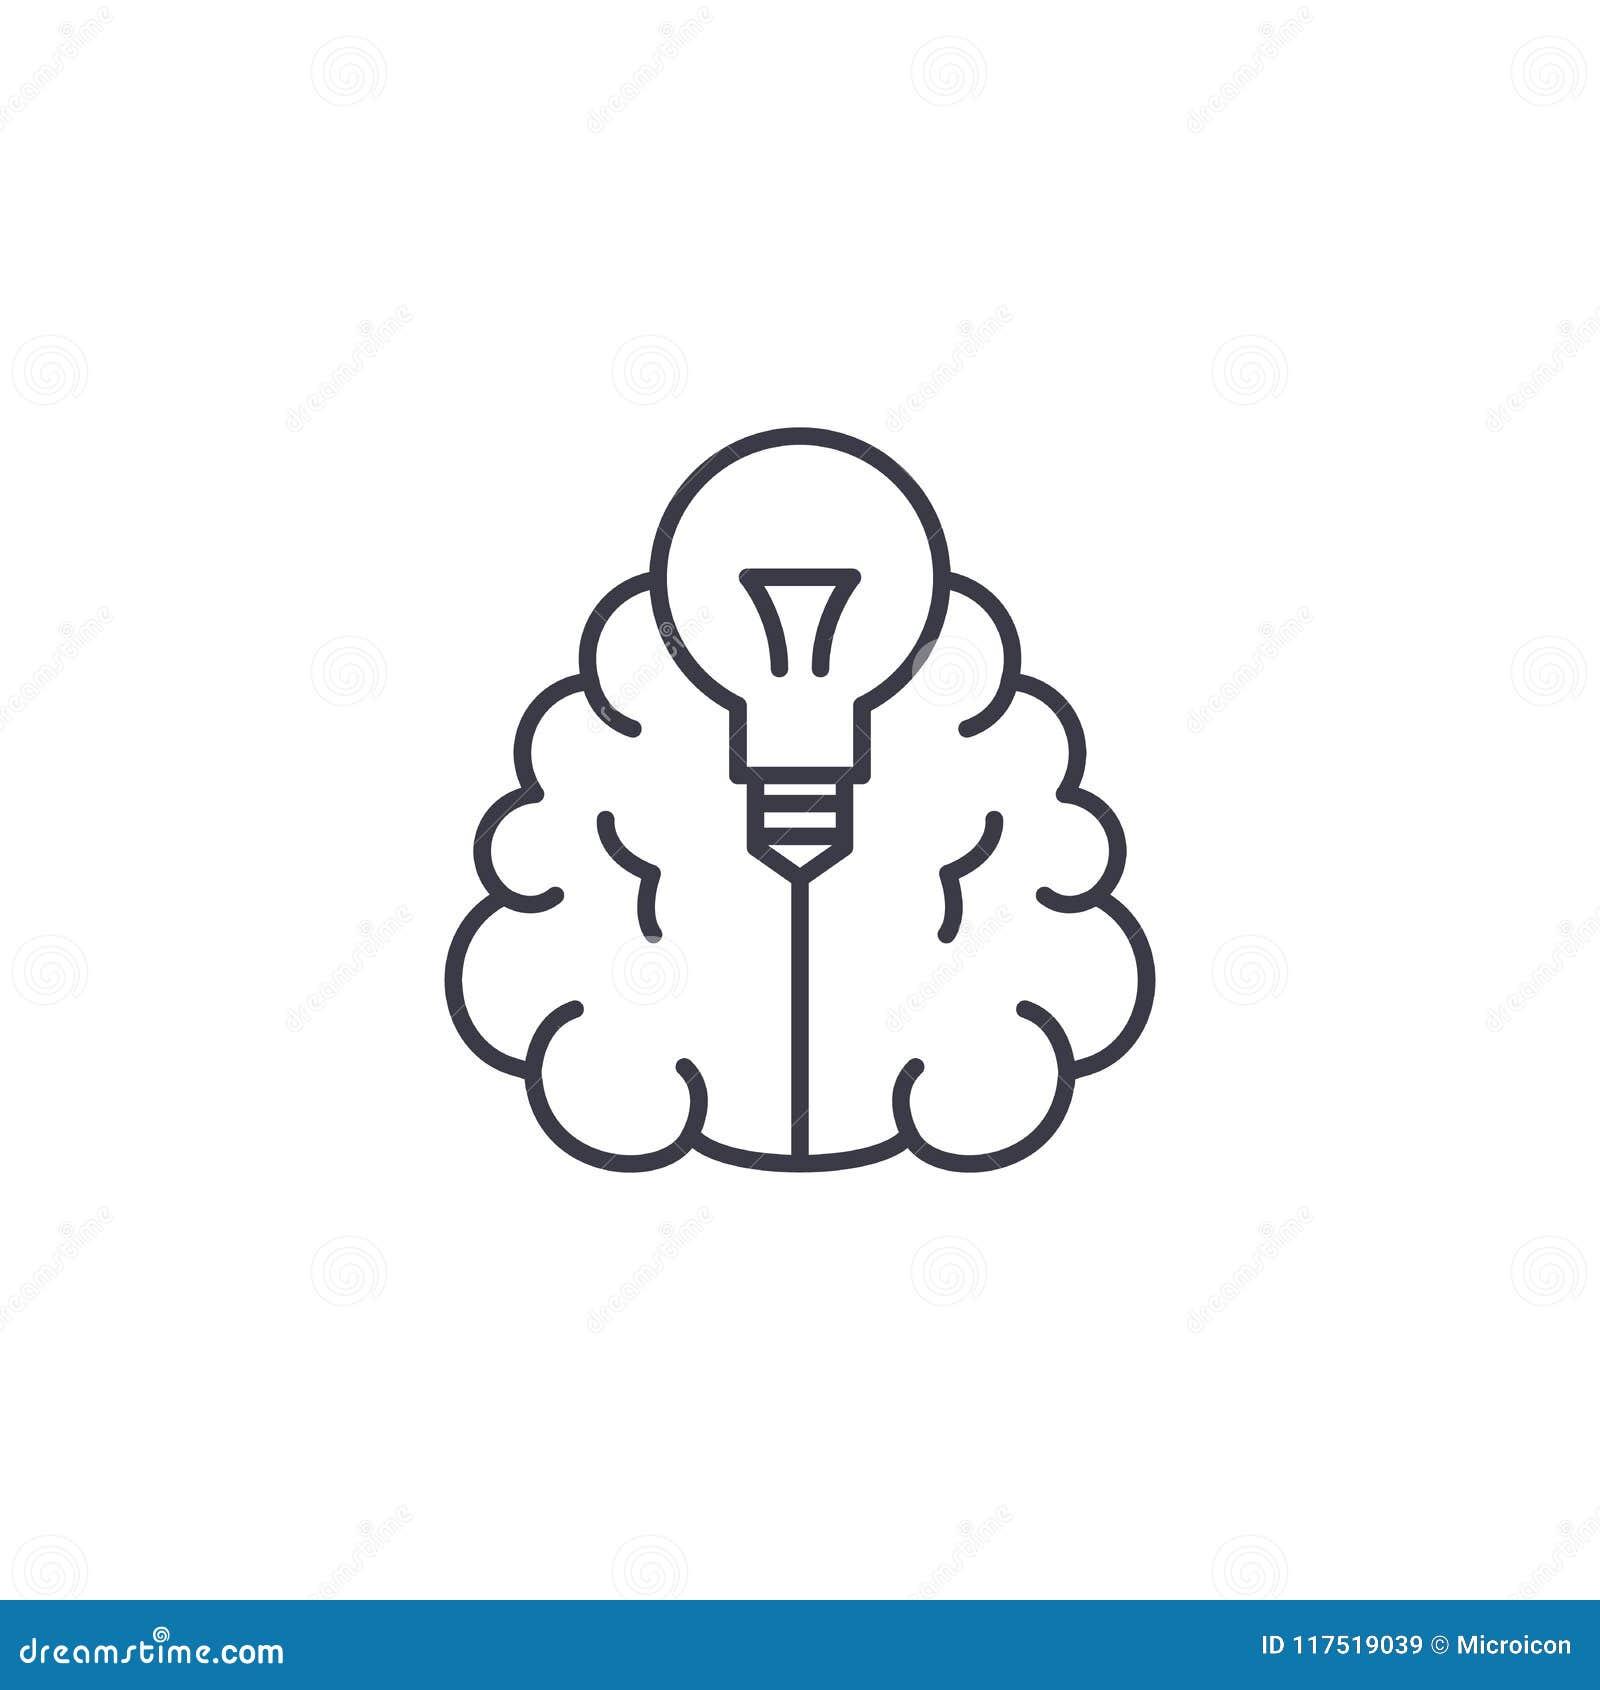 Linjärt symbolsbegrepp för innovativa idéer Innovativa idéer fodrar vektortecknet, symbolet, illustration